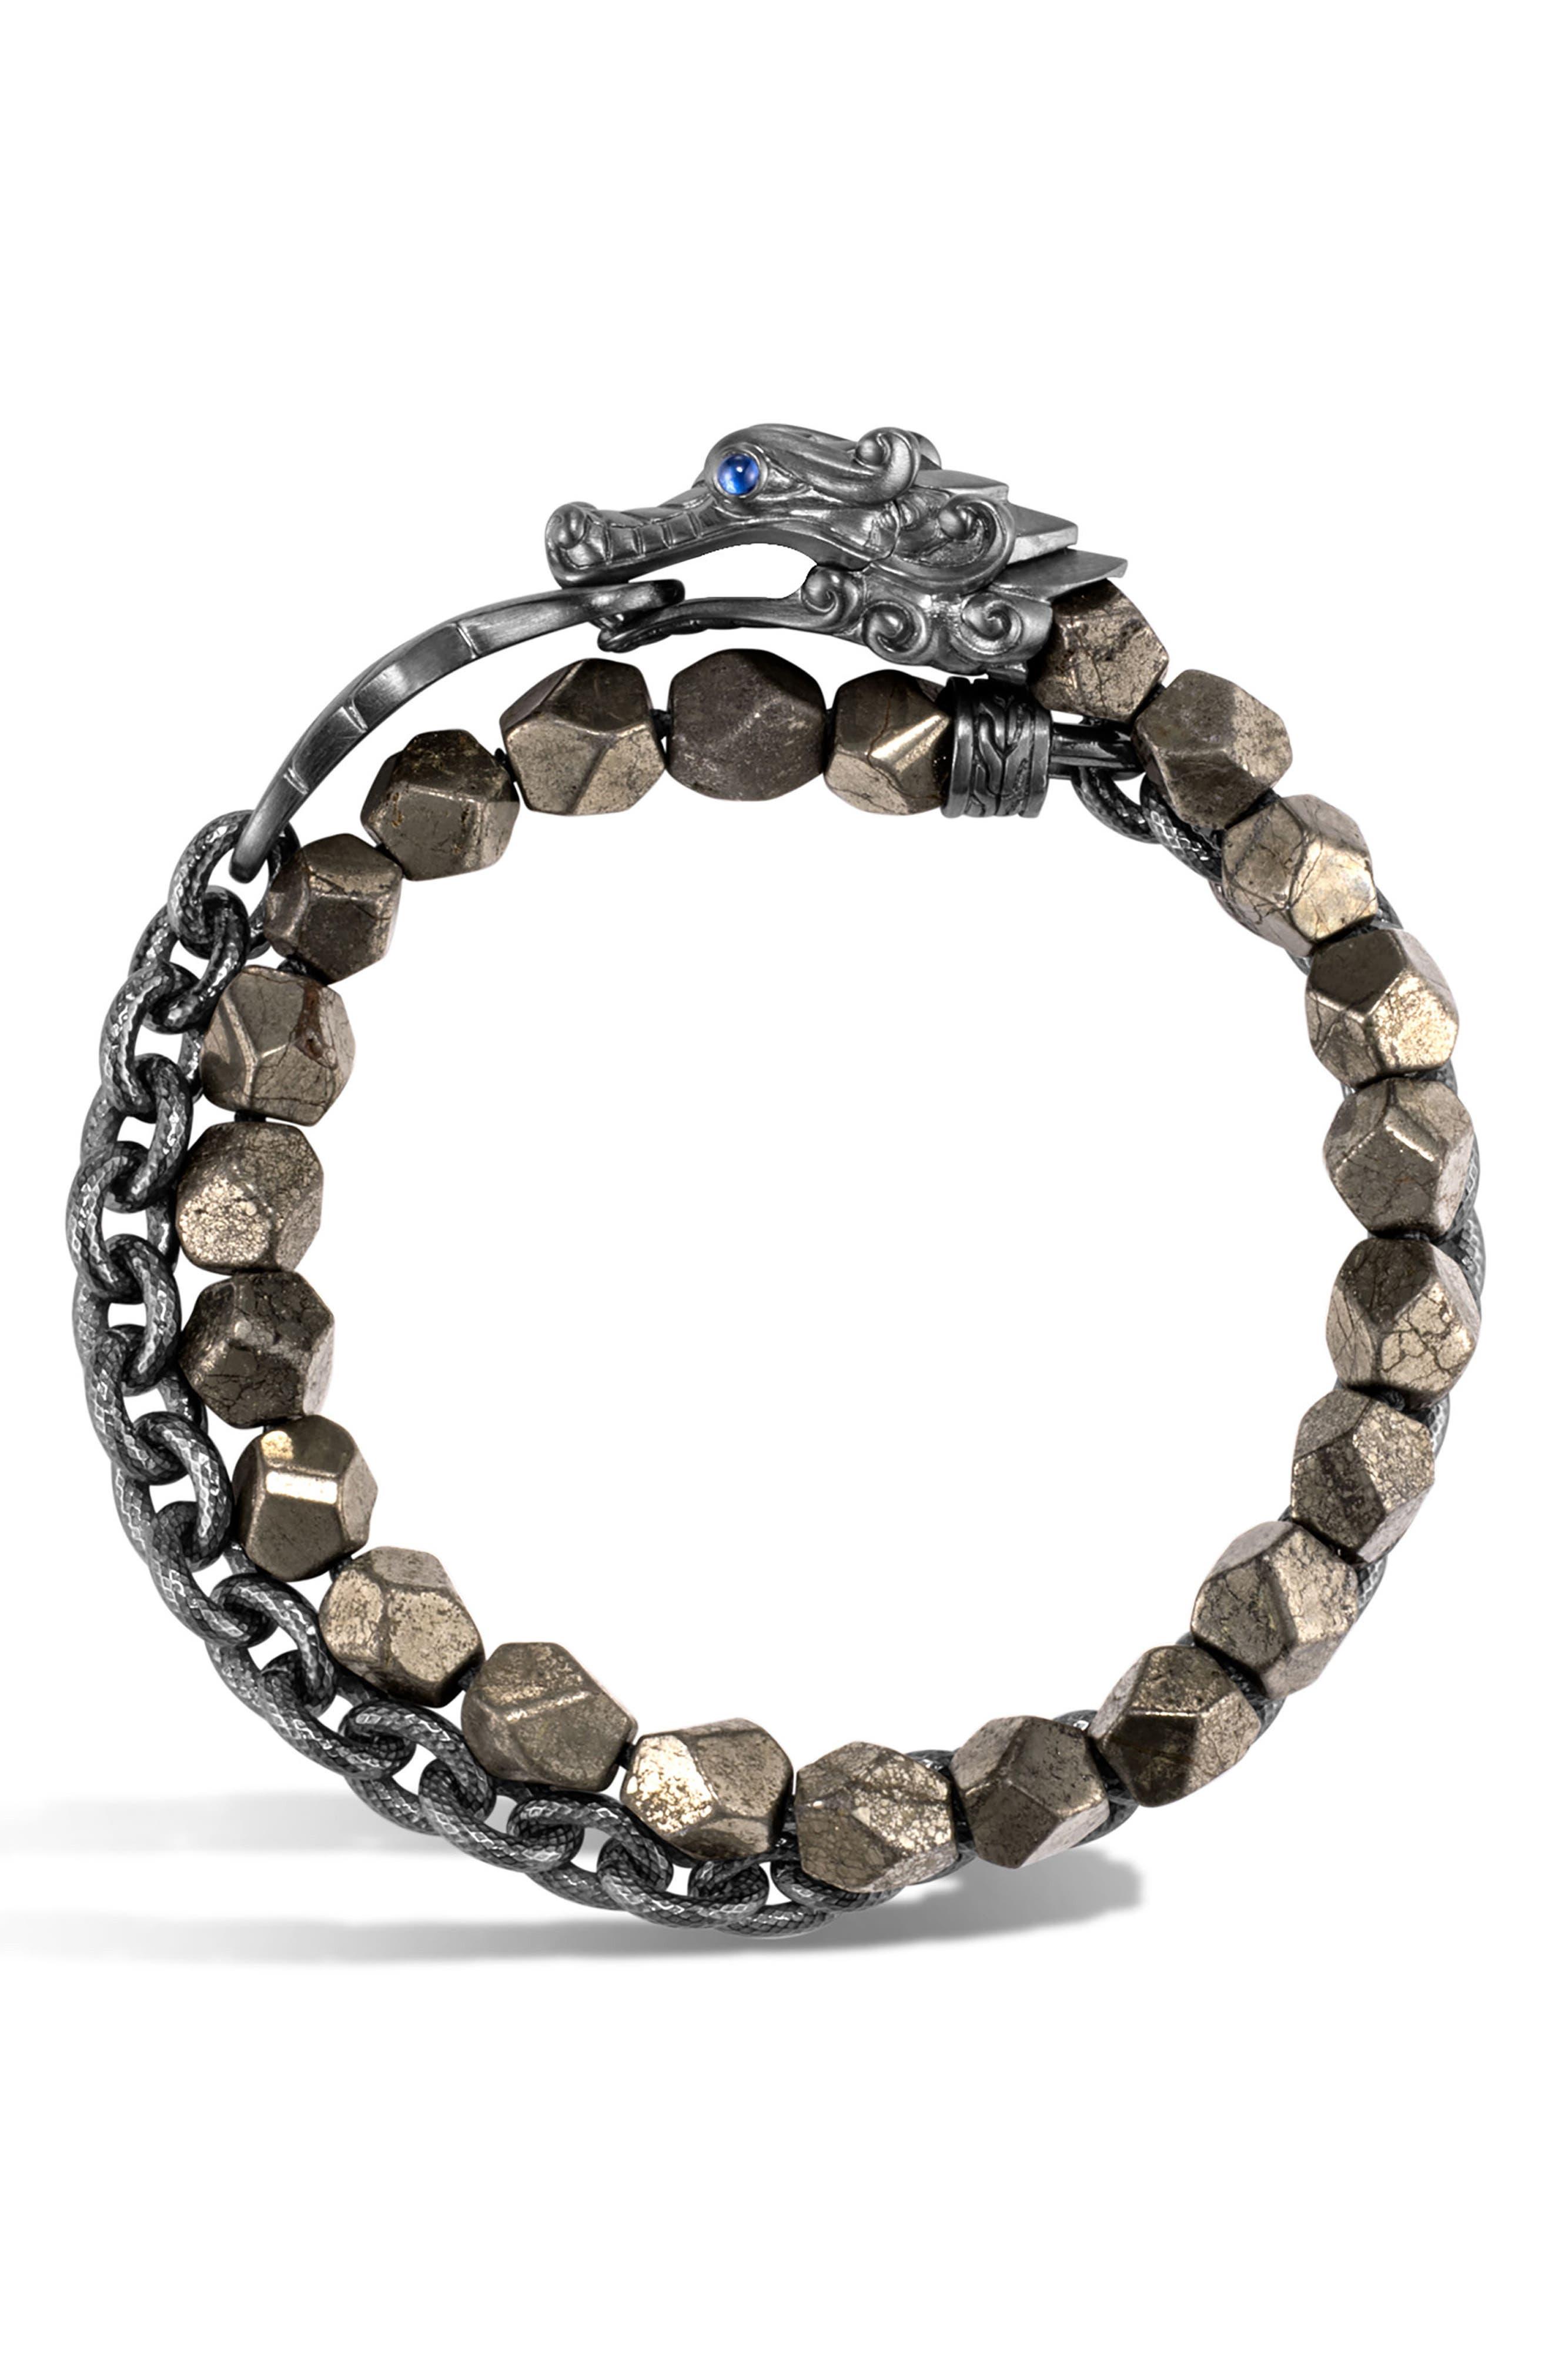 Men's Legends Naga Double Wrap Bracelet,                         Main,                         color, SILVER/ PYRITE/ BLACK RHODIUM